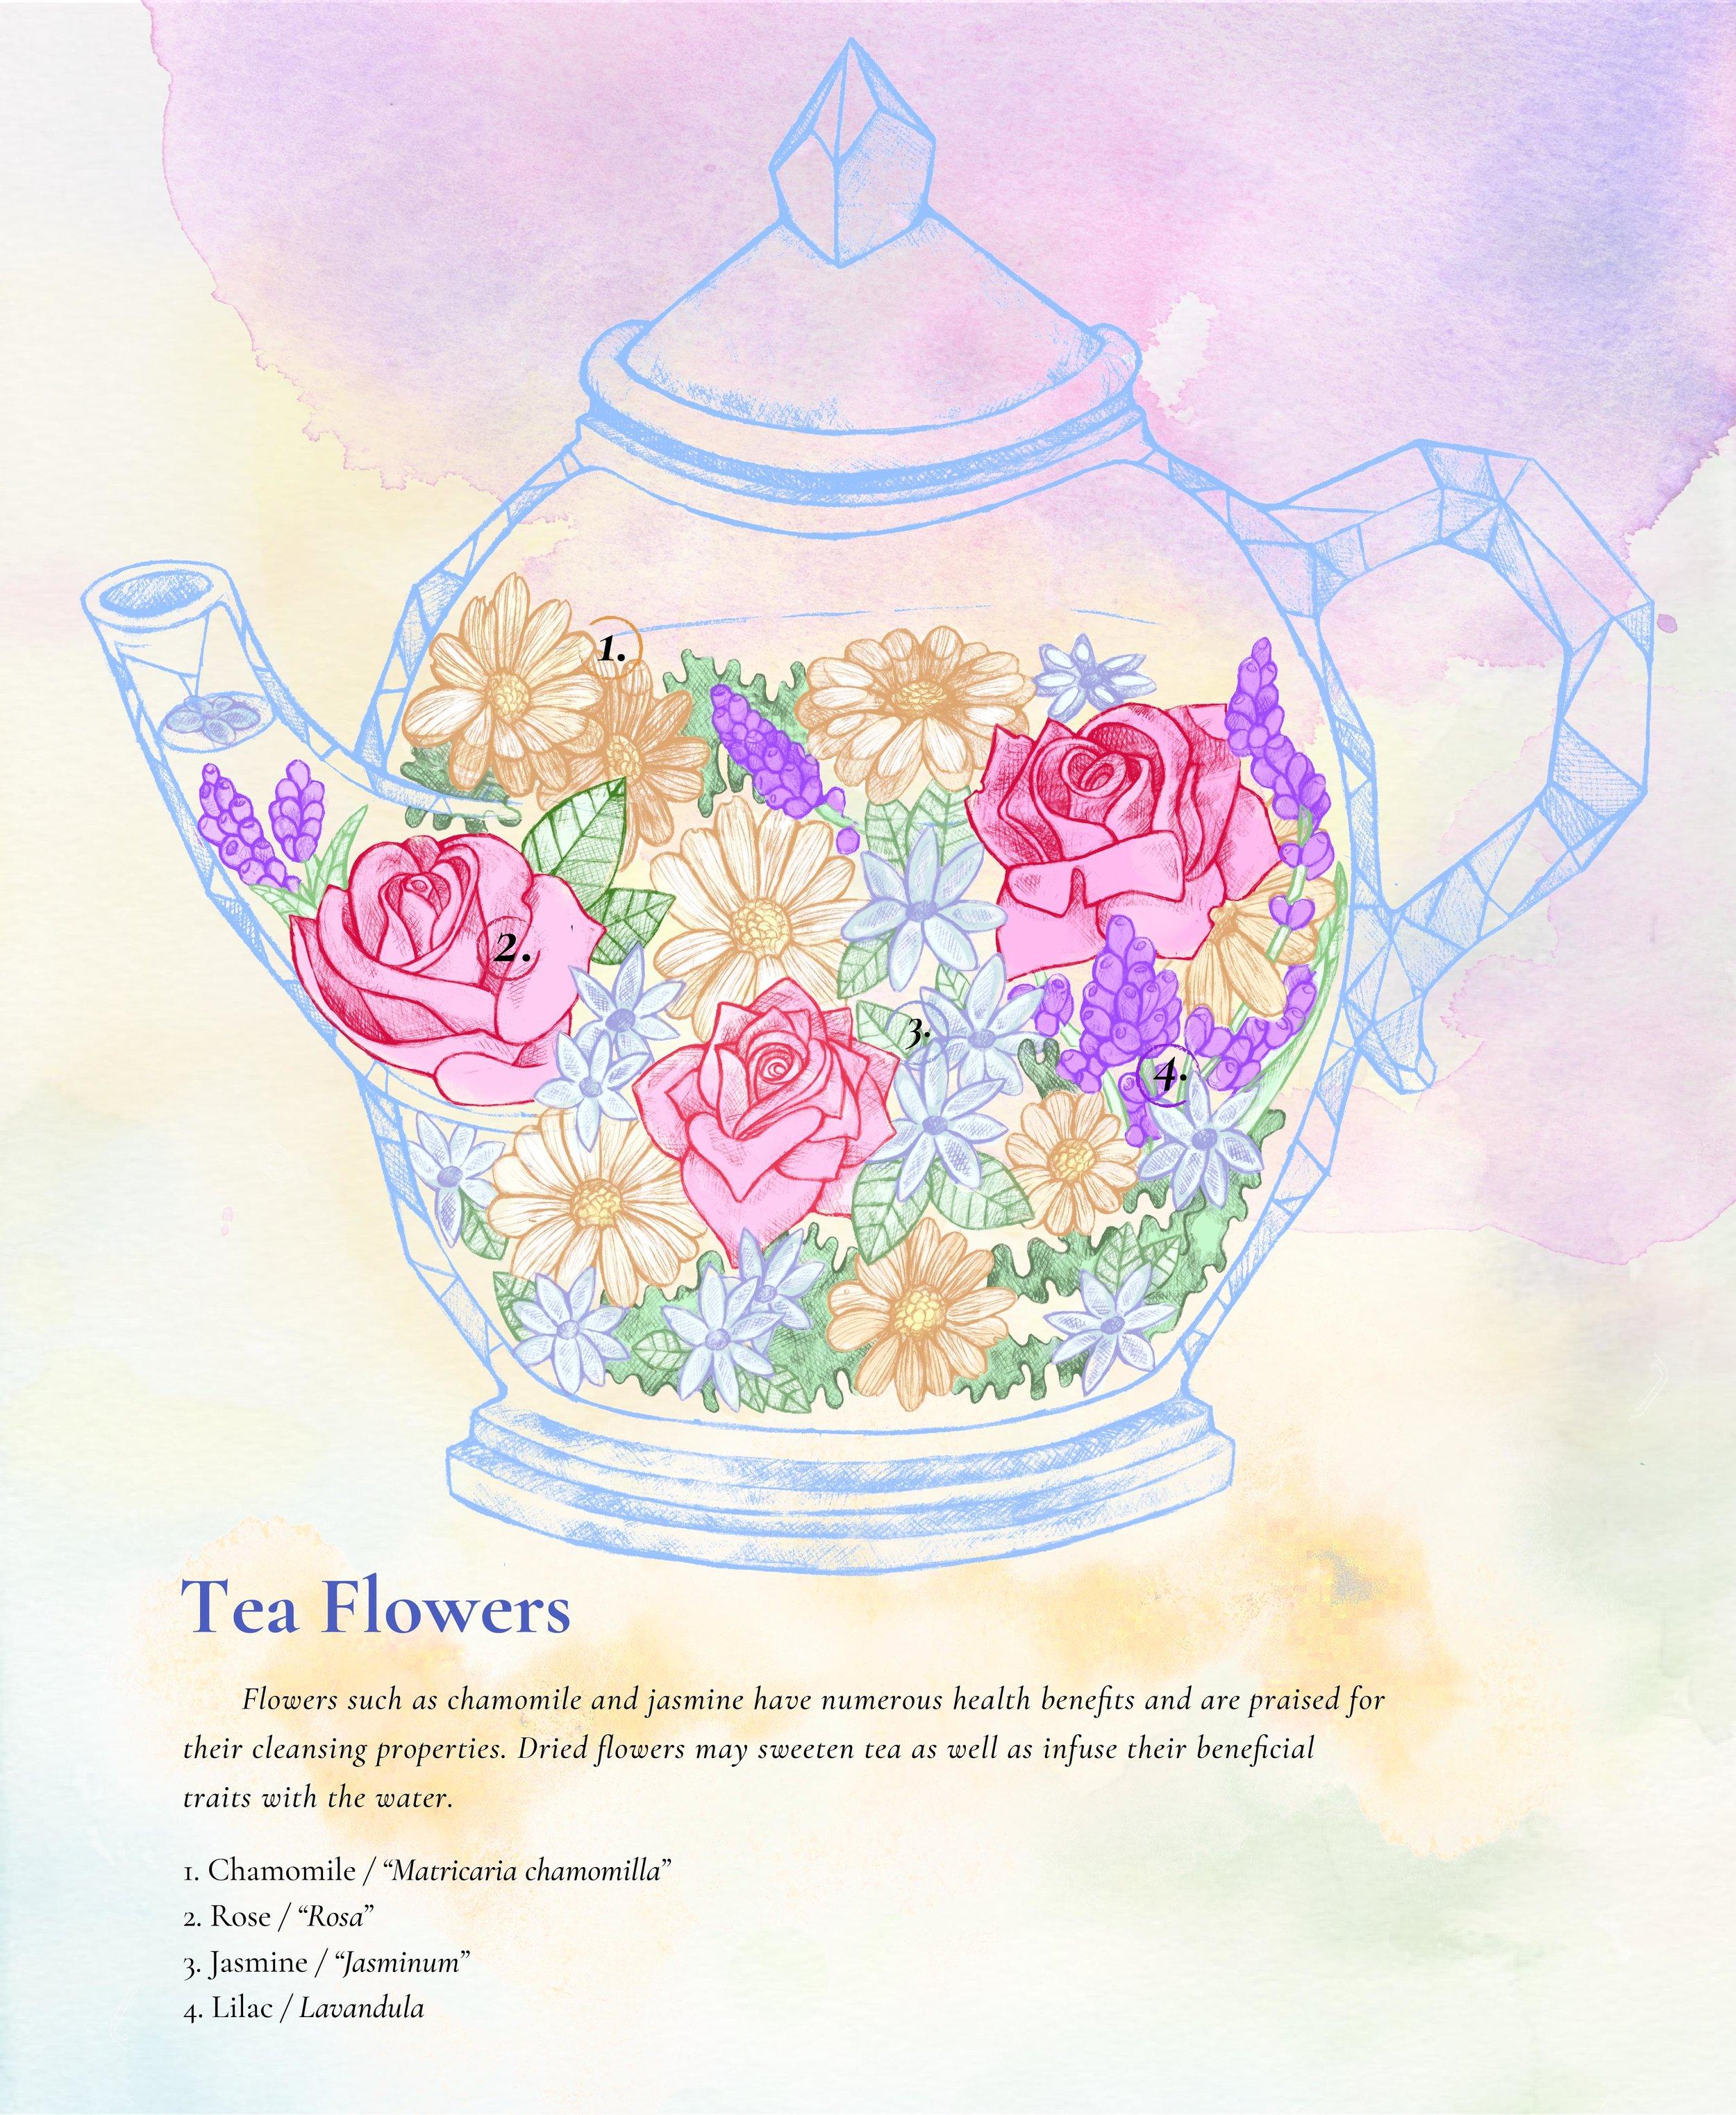 TeaFlowers_StephenMcdowforweb.jpg